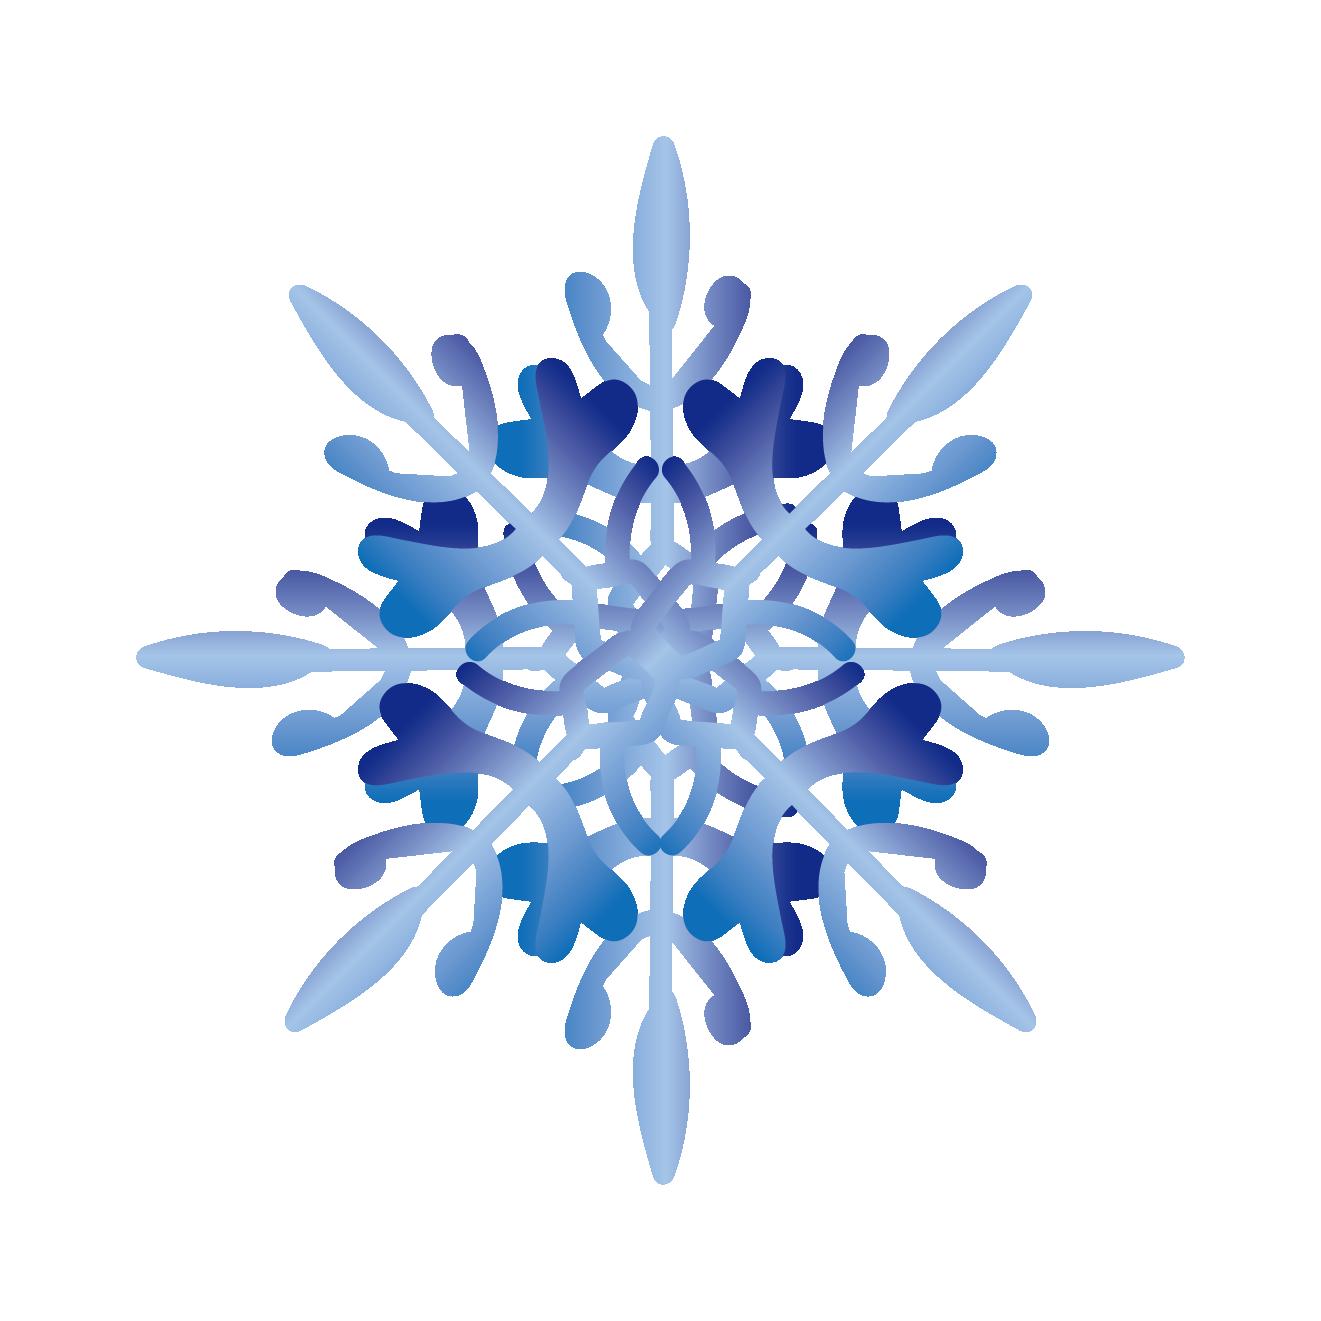 商用可!冬を連想する、とっても綺麗な雪の結晶イラスト素材の